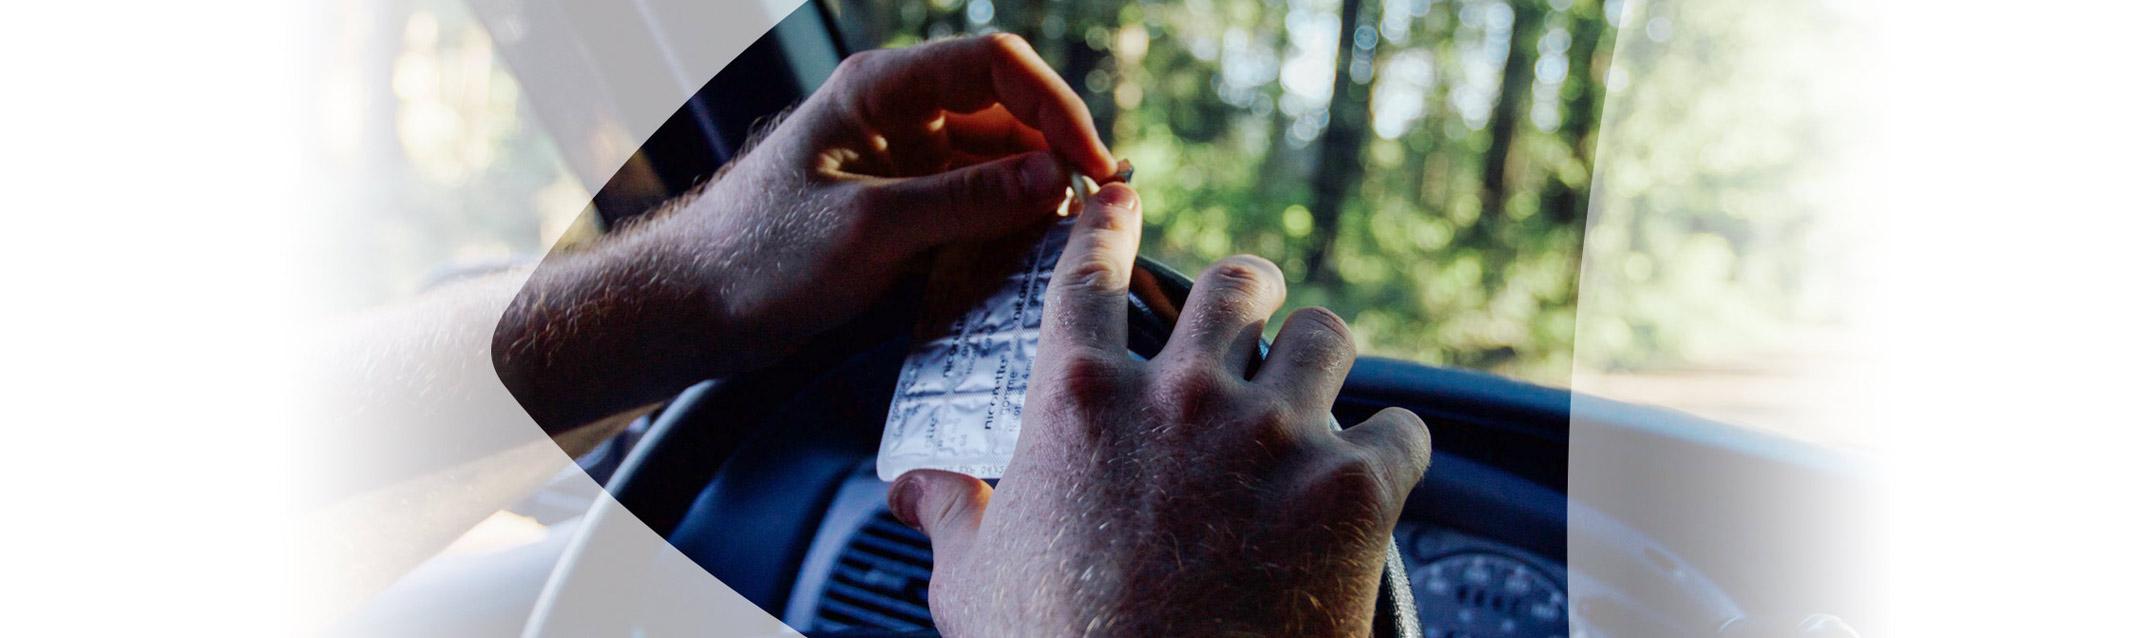 Głód nikotynowy objawy i metody radzenia sobie z nimi